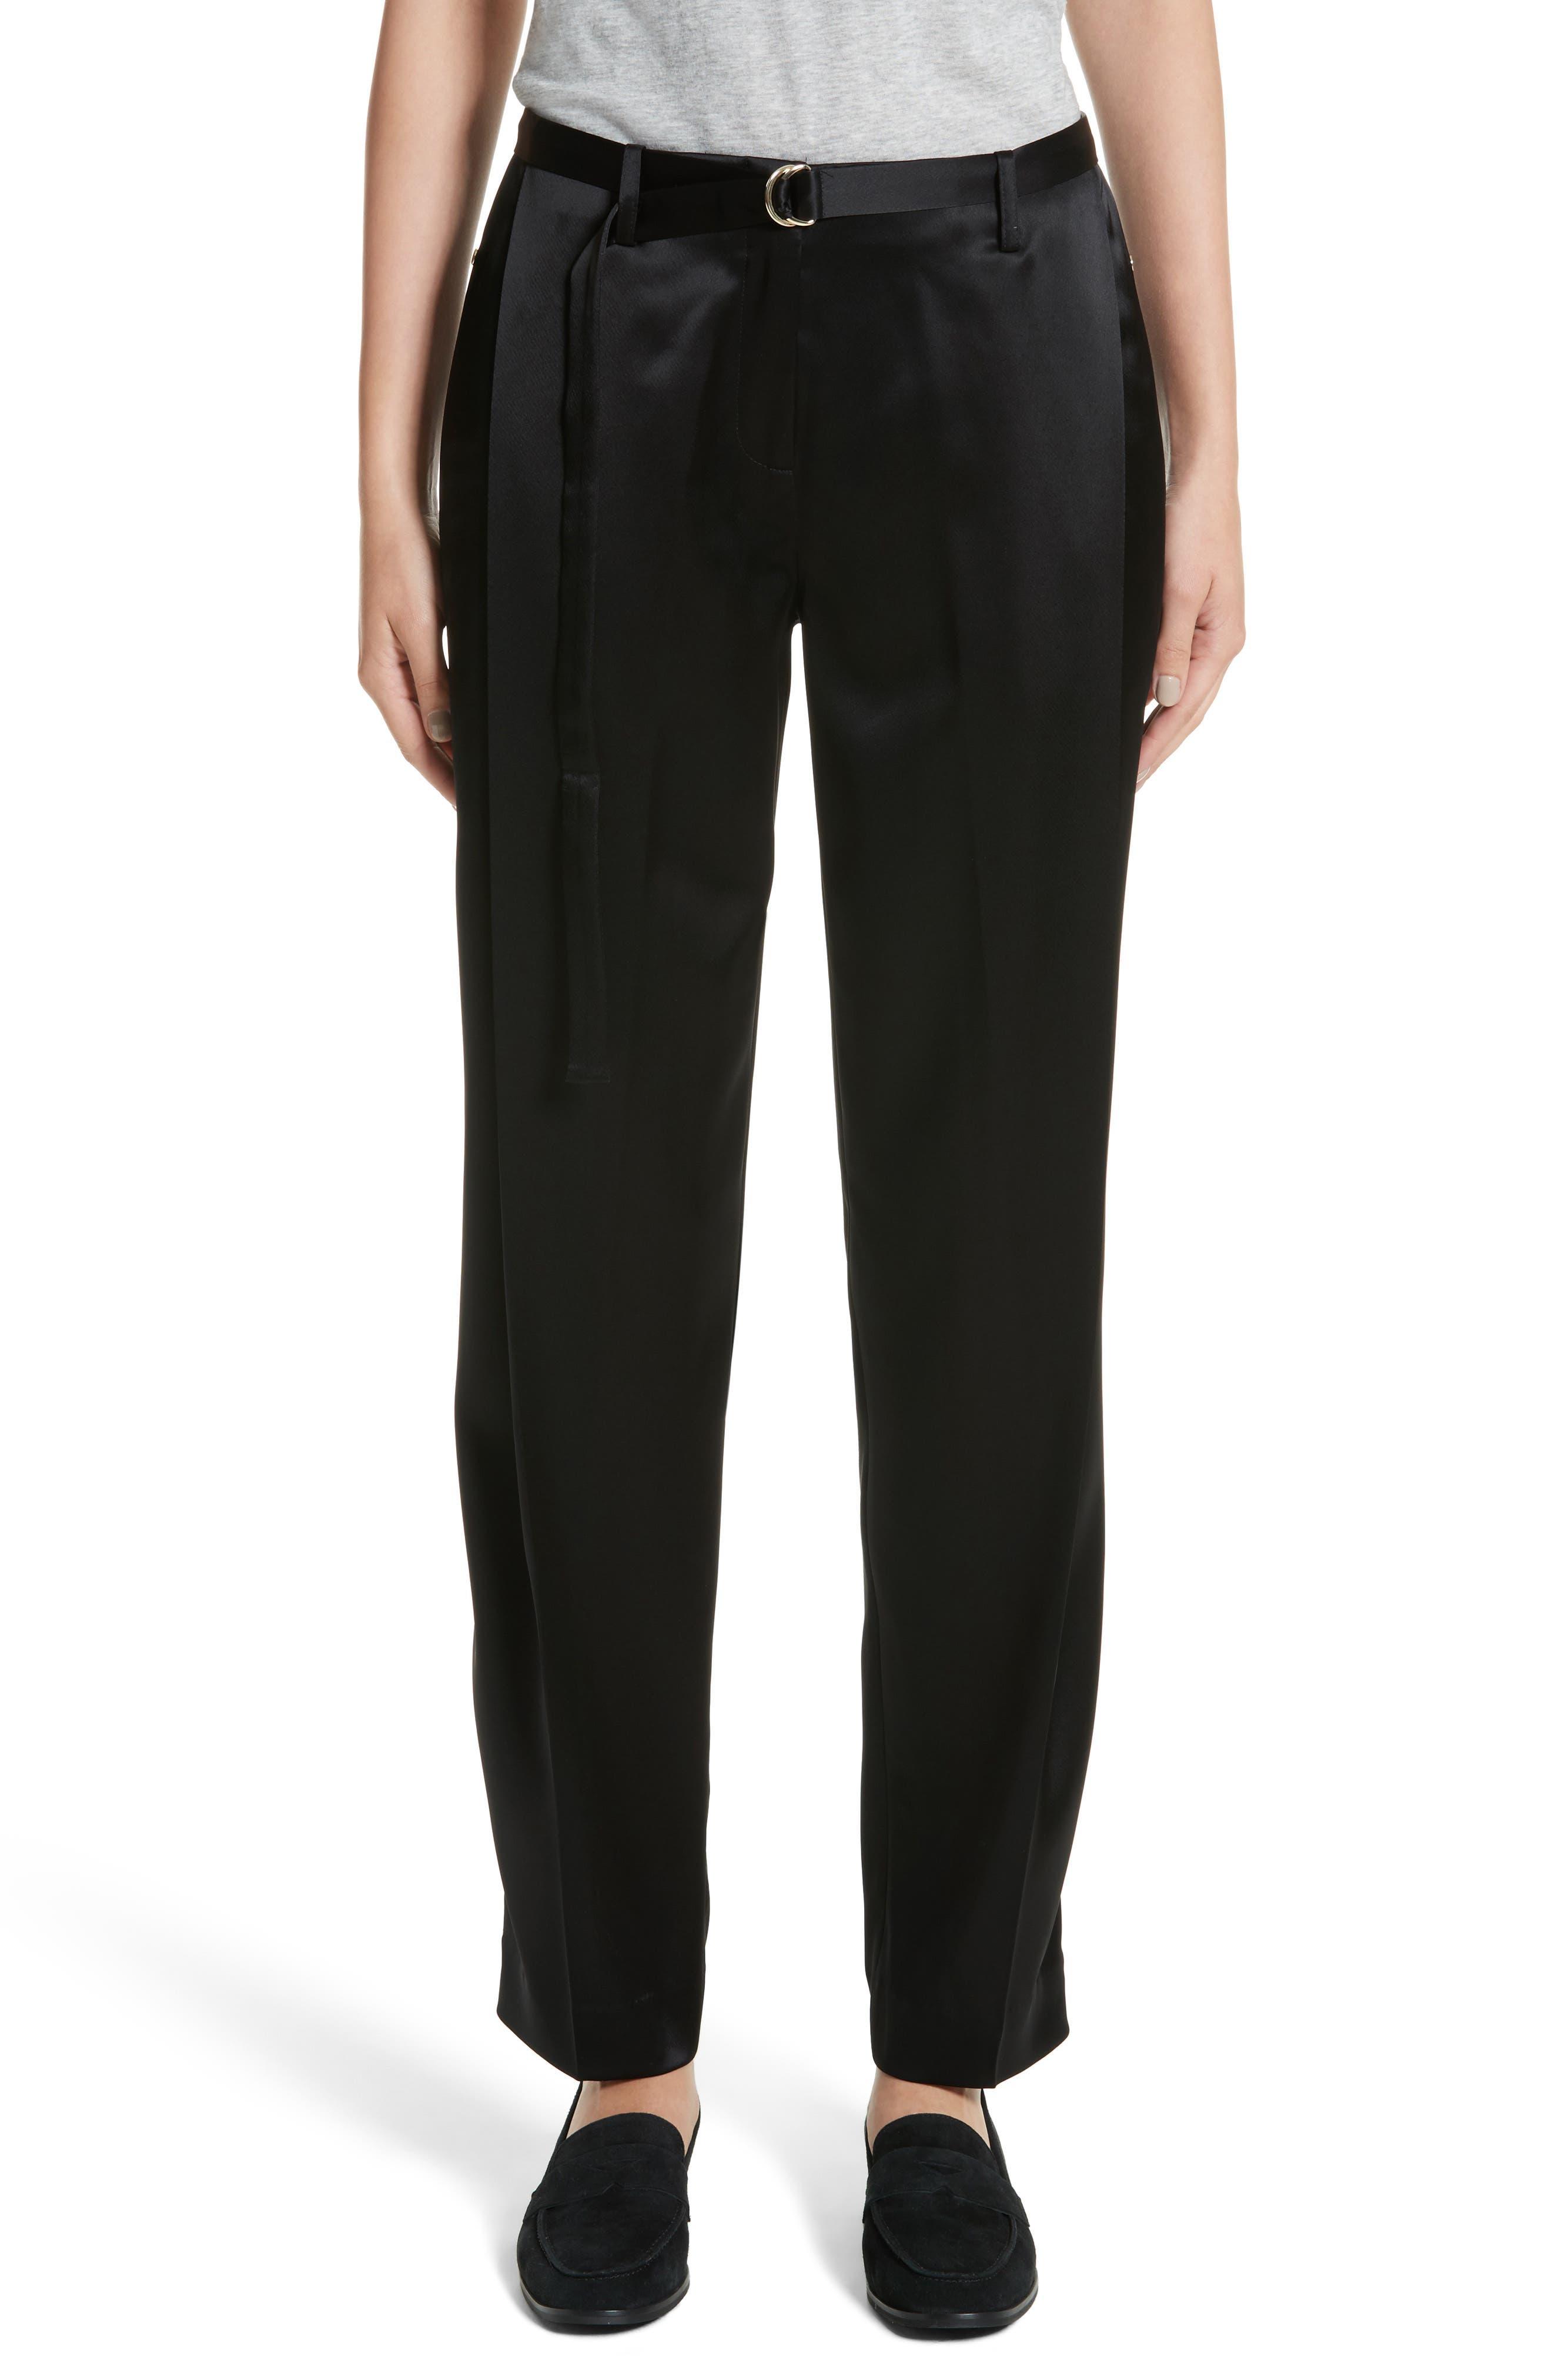 Nassau Reverie Satin Cloth Pants,                         Main,                         color, 001